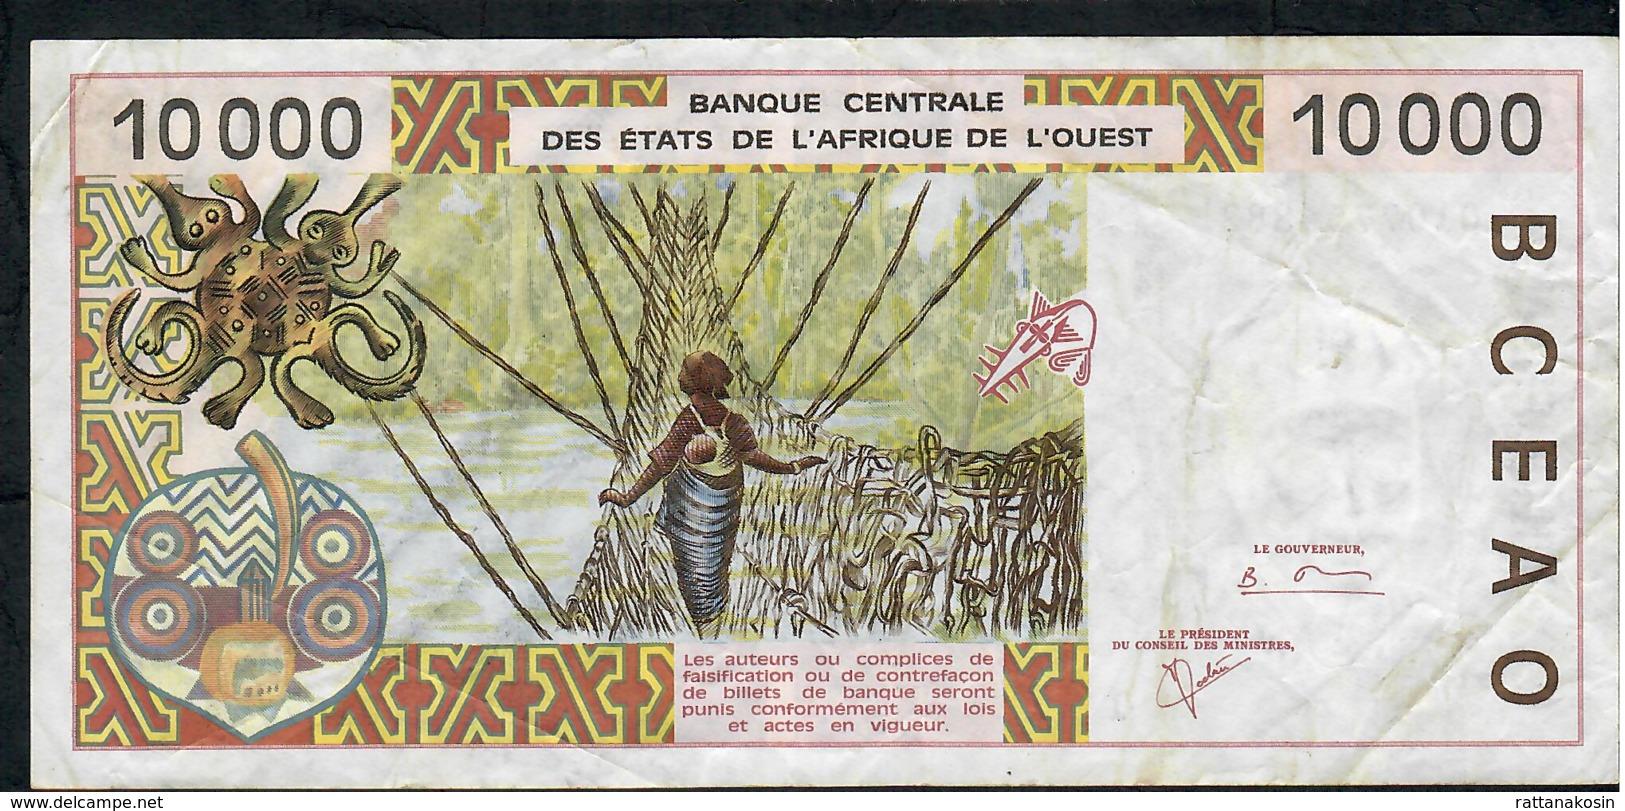 W.A.S. TOGO  P814Tj 10000 Or 10.000 FRANCS (20)01 2001  VF NO P.h. - West African States